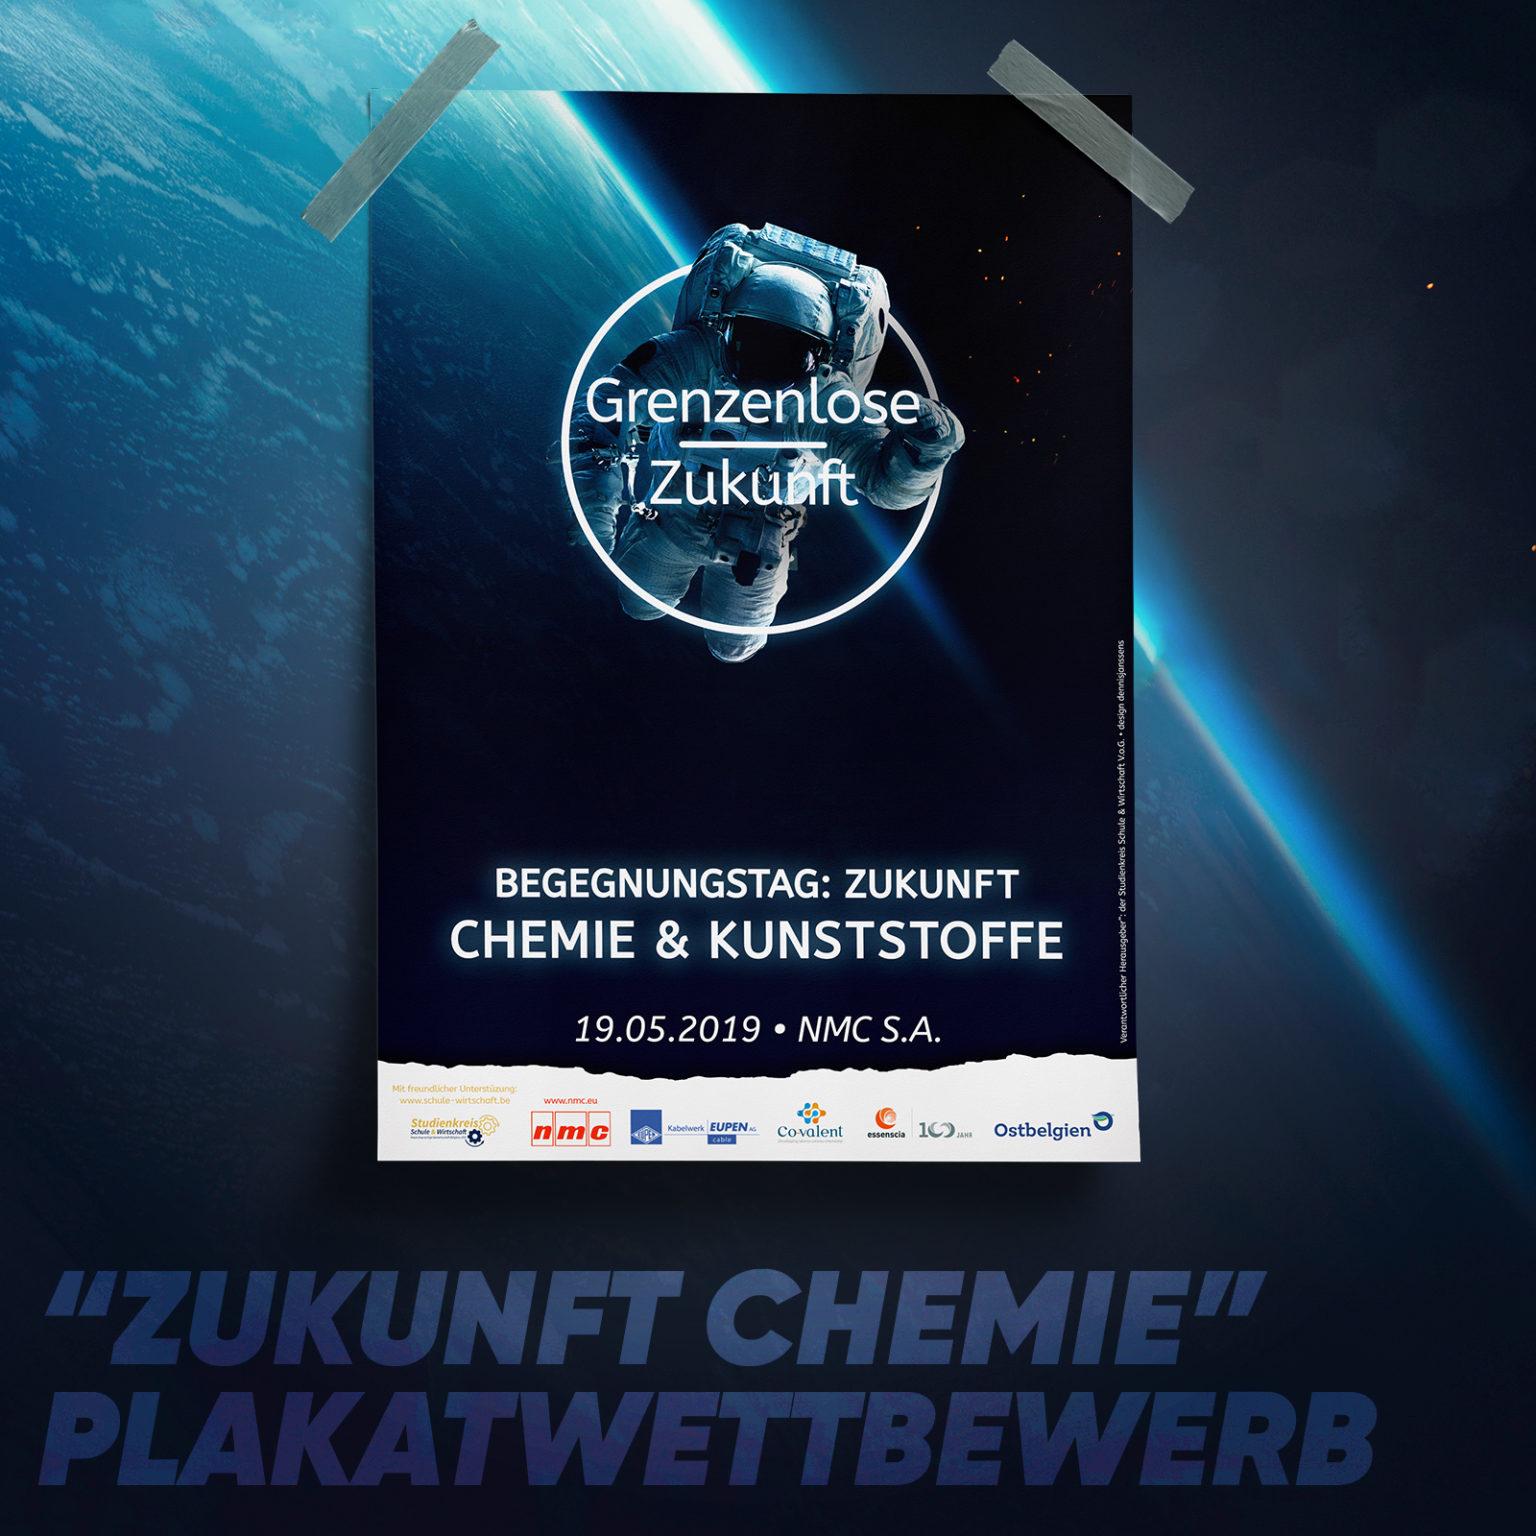 Plakatwettbewerb Chemie